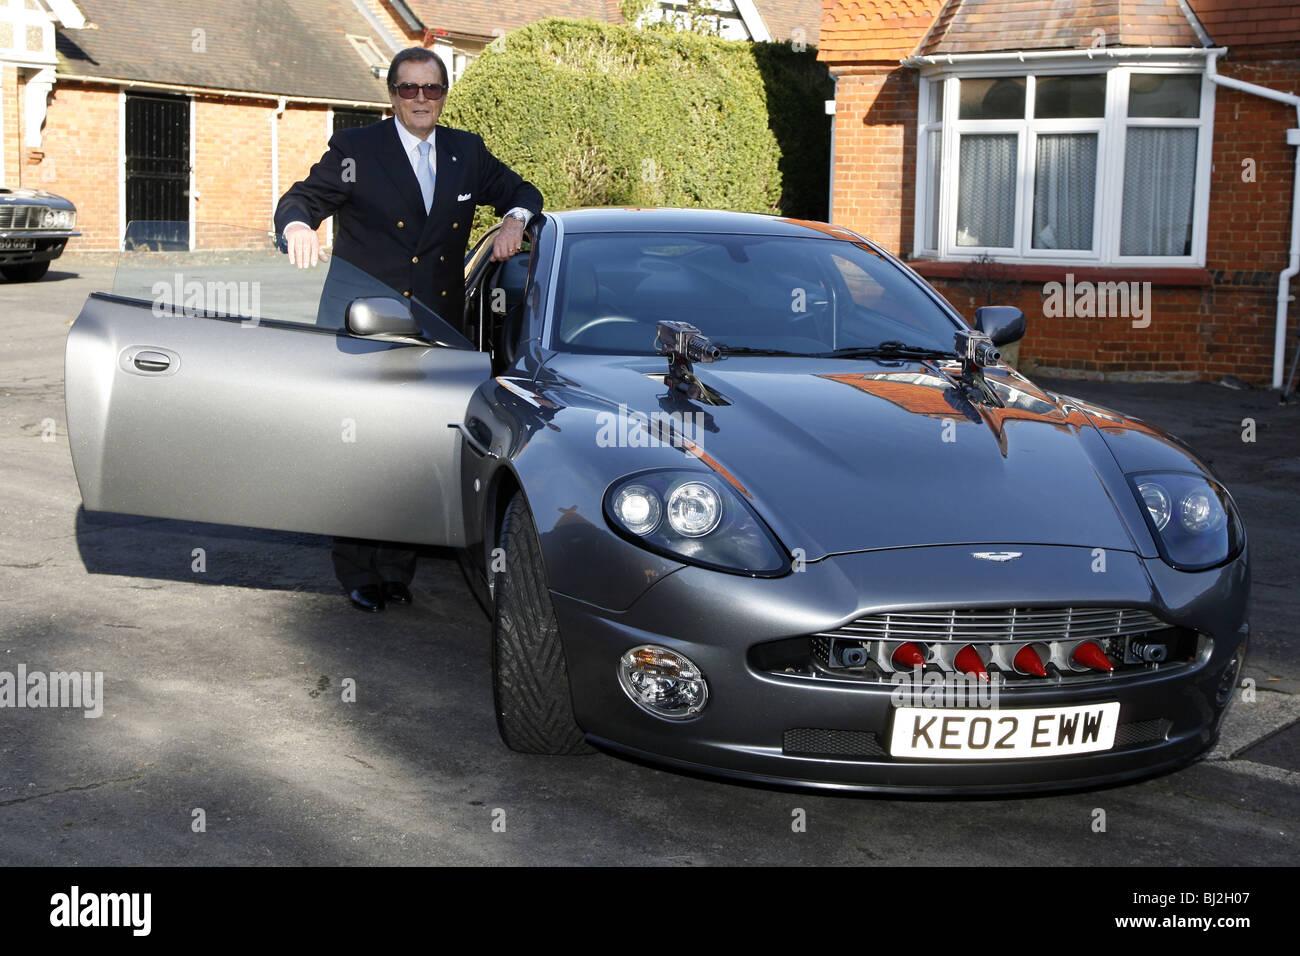 Sir Roger Moore Mit Der Aston Martin Vanquish Aus Dem James Bond Film Sterben Ein Weiterer Tag James Bond Blu Ray Dvd Start Bletchley Stockfotografie Alamy